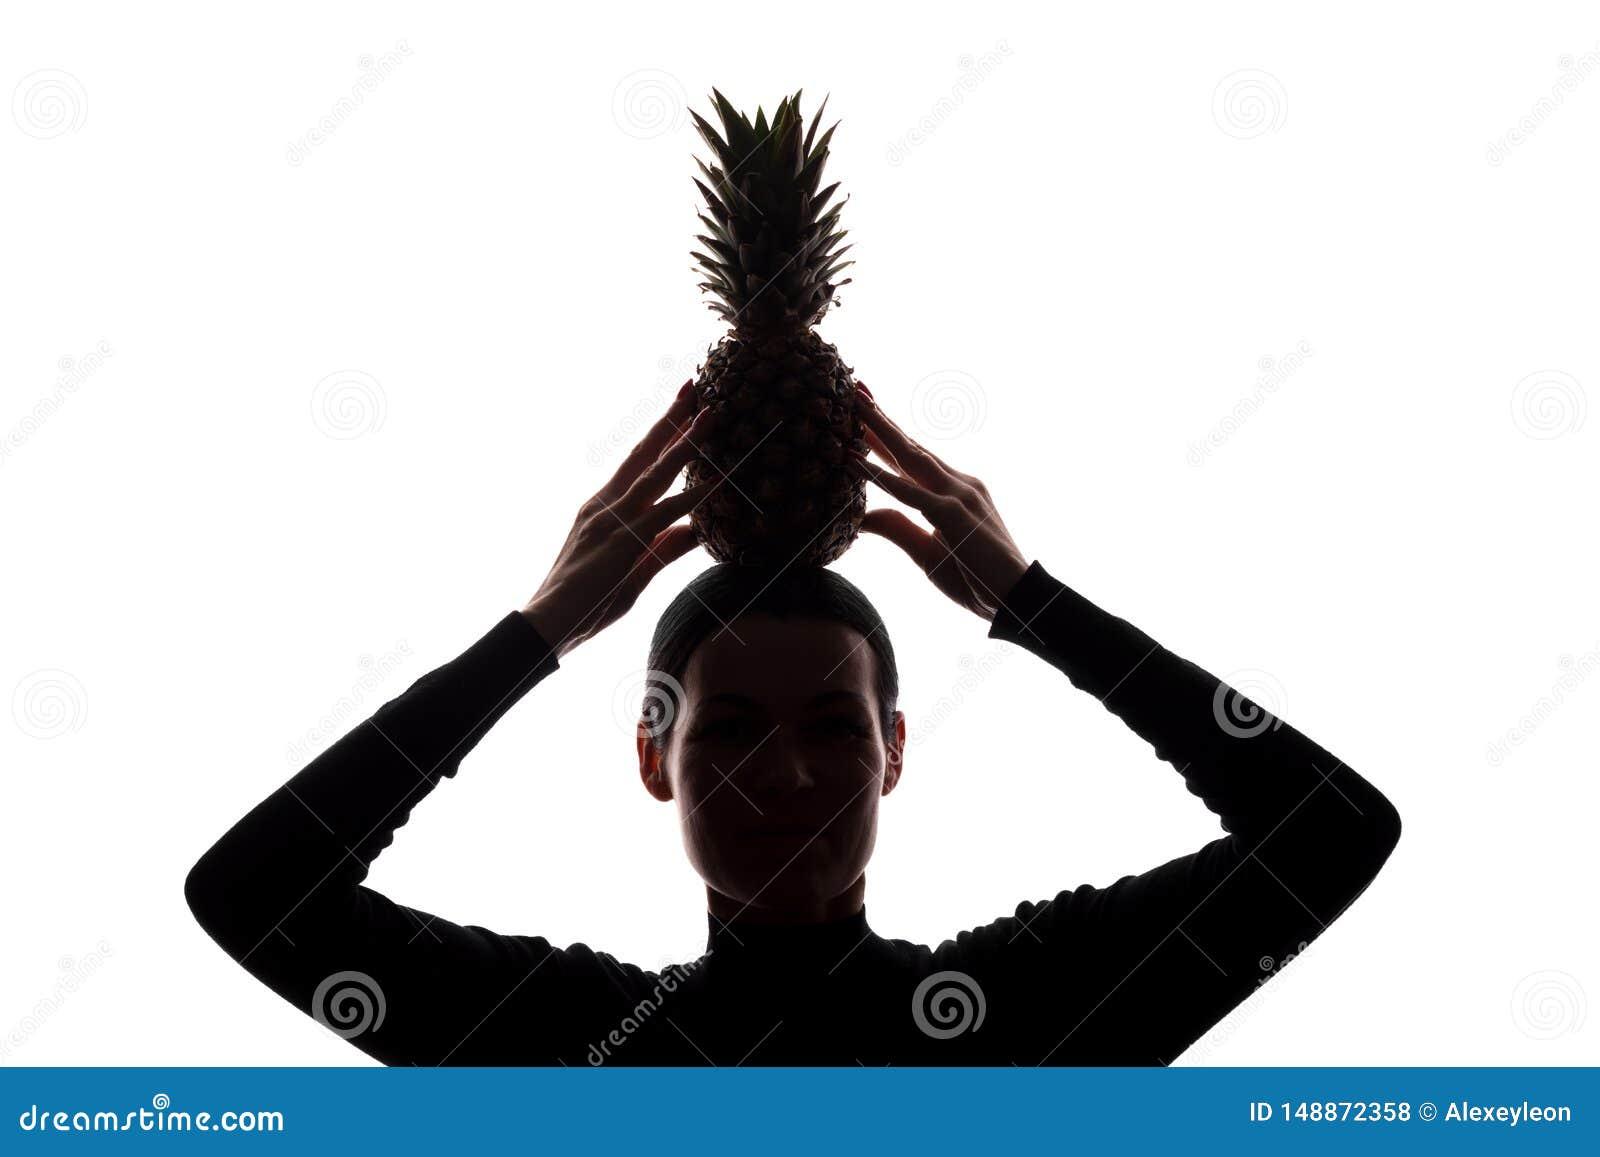 Ананас в руках женщины над головой - силуэтом